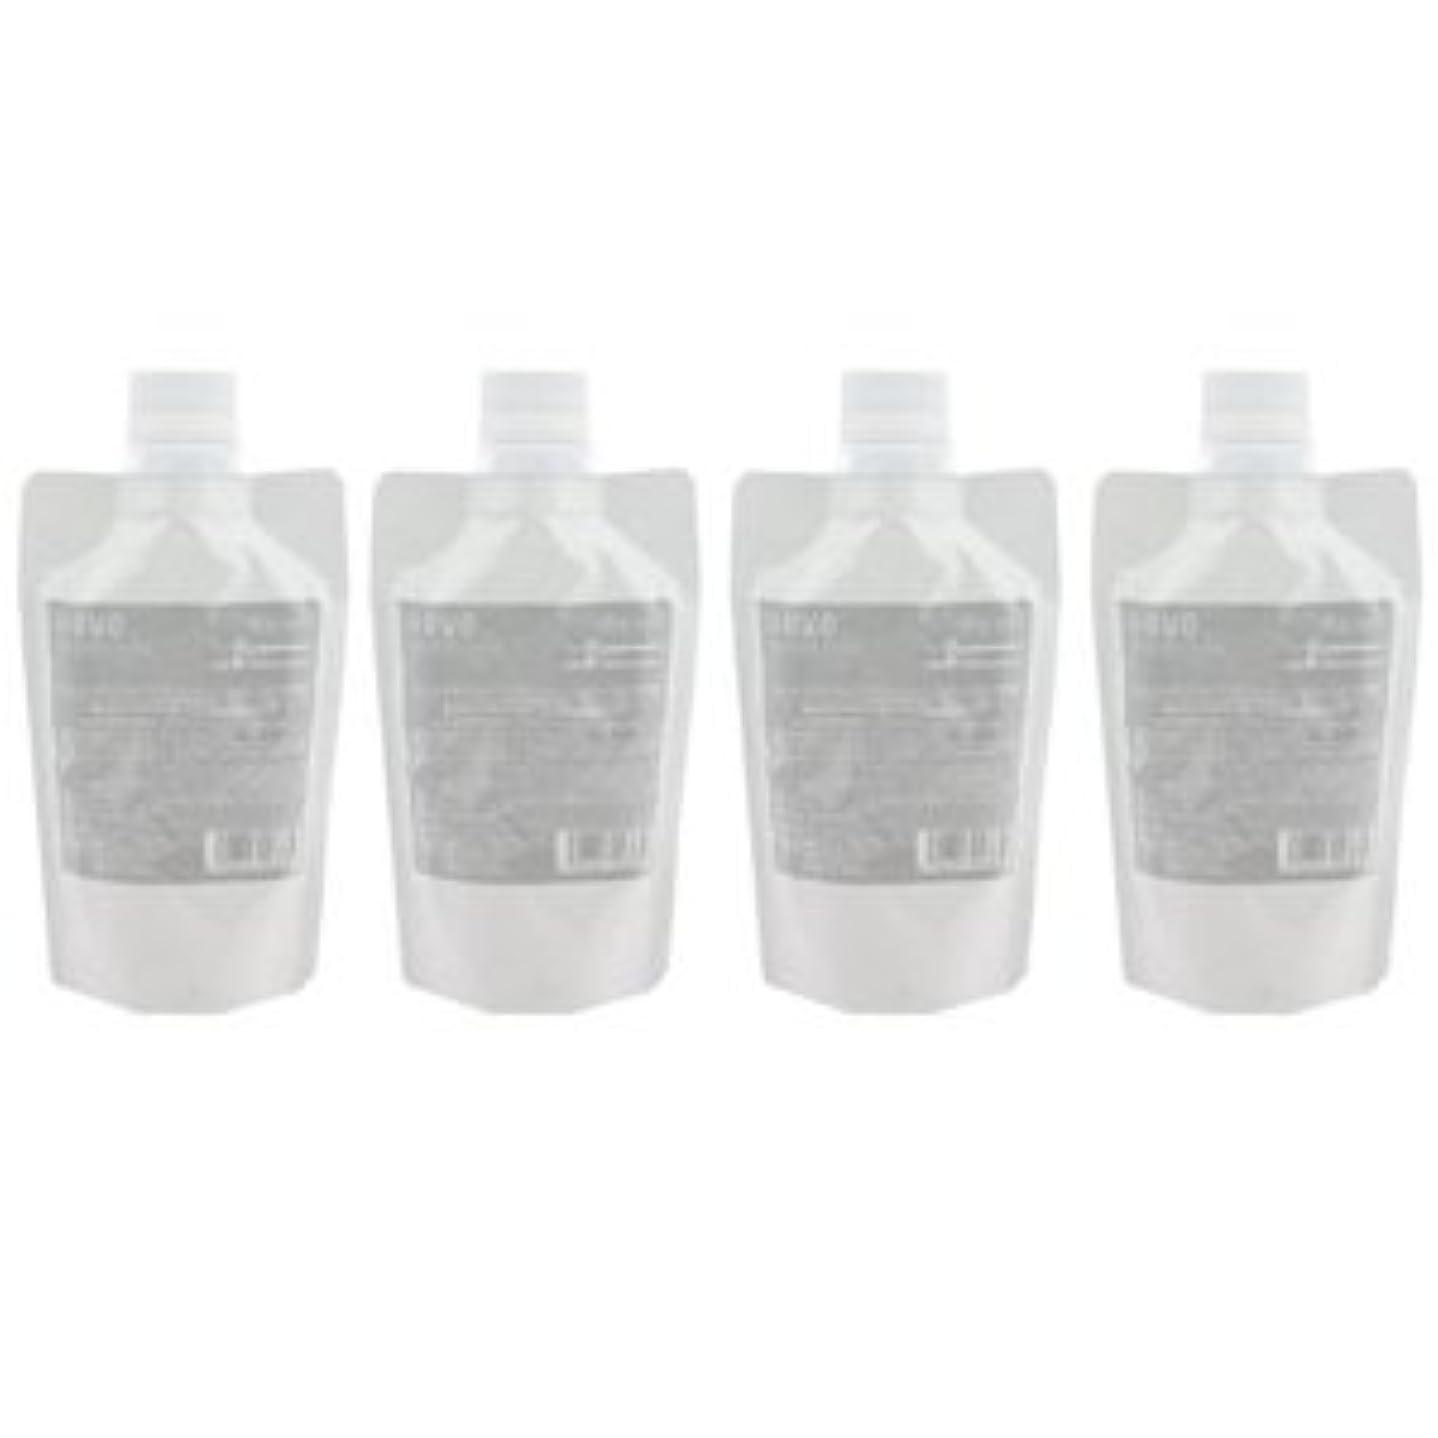 即席聞く仮定する【X4個セット】 デミ ウェーボ デザインキューブ ドライワックス 200g 業務用 dry wax